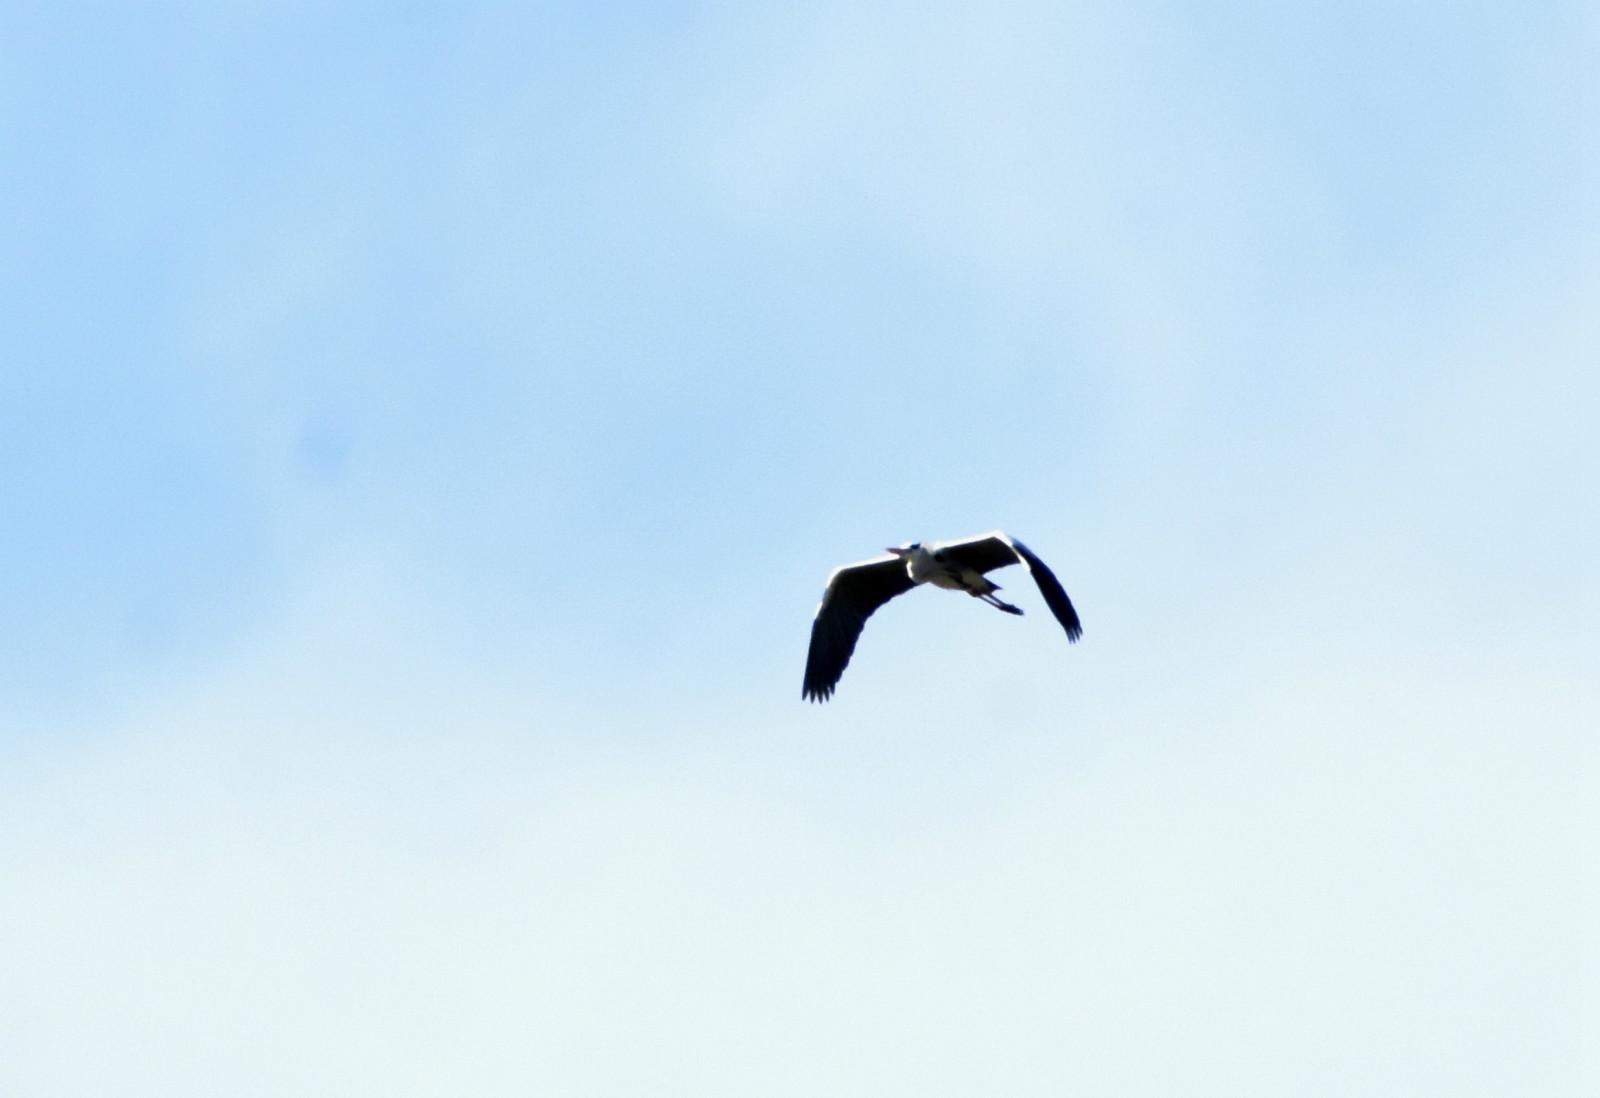 壁纸 动物 鸟 鸟类 桌面 1600_1098